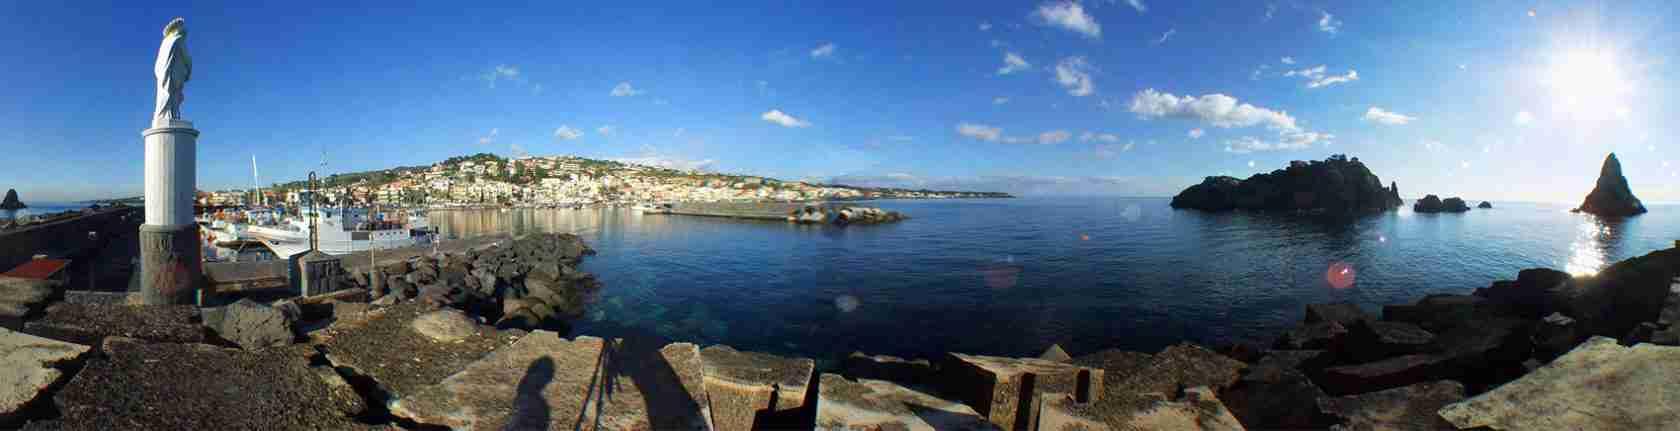 La spiaggia di Acitrezza è il luogo preferito dalle escort Catania per una giornata al mare.